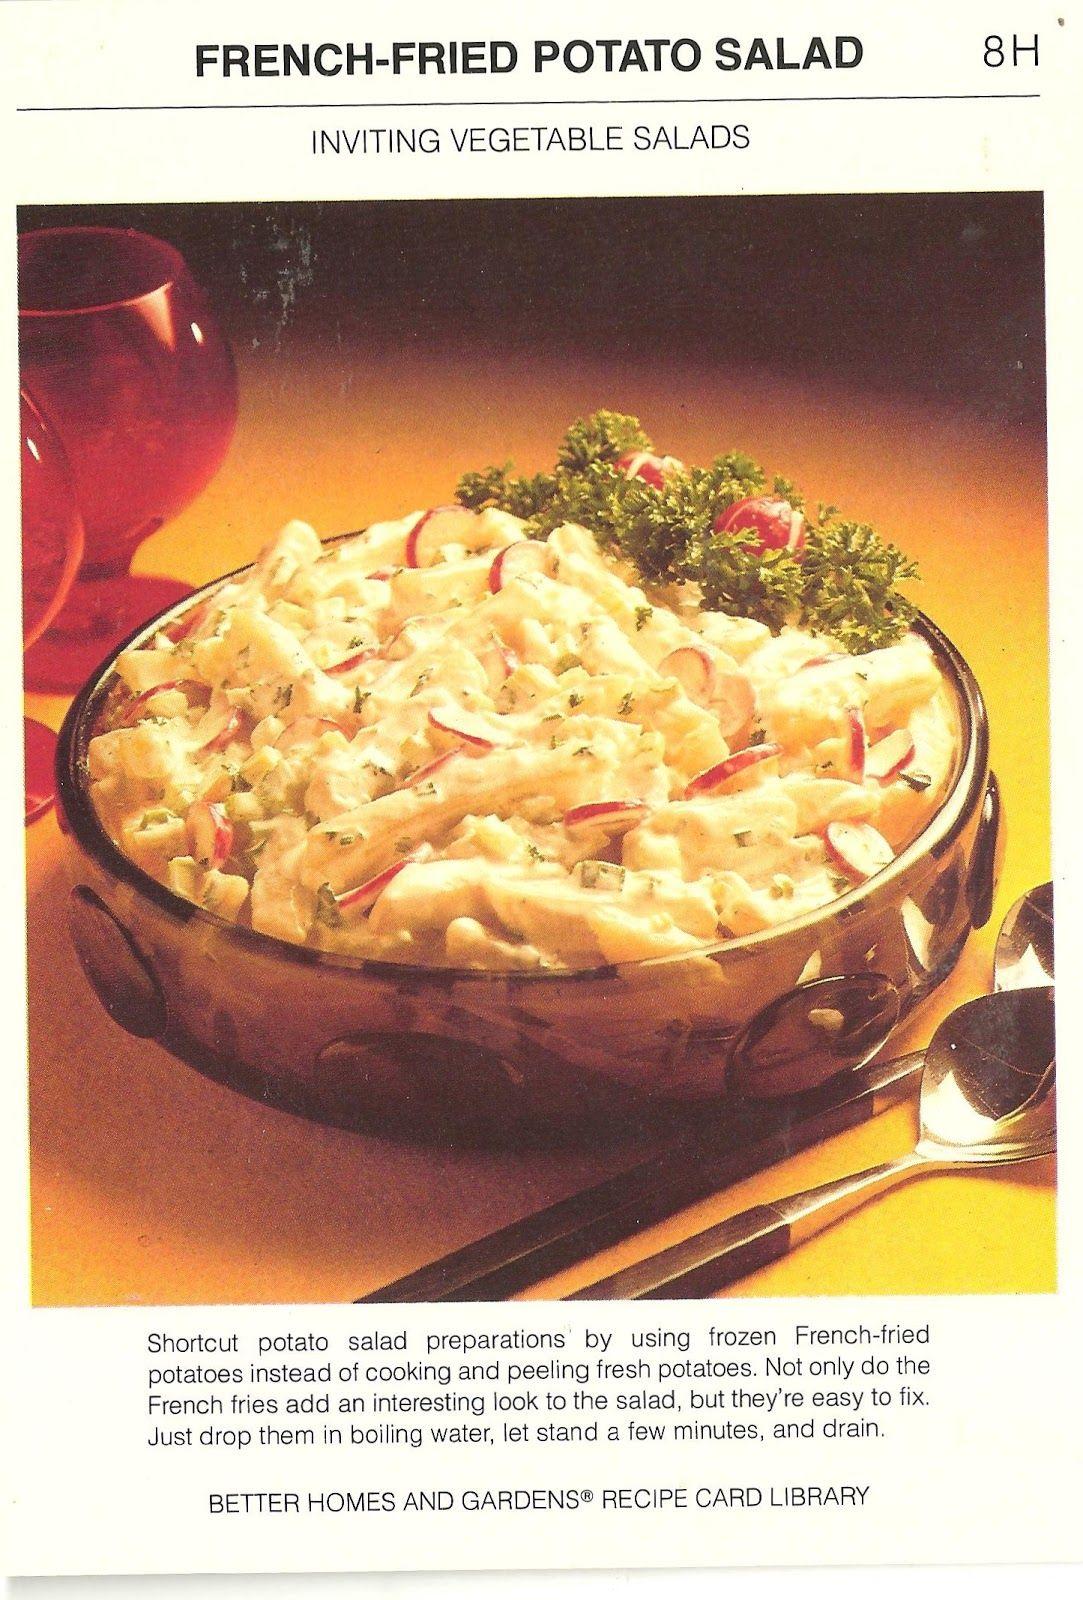 1c71f6bdb5aeedb27ad82feda357557f - Potato Salad Better Homes And Gardens